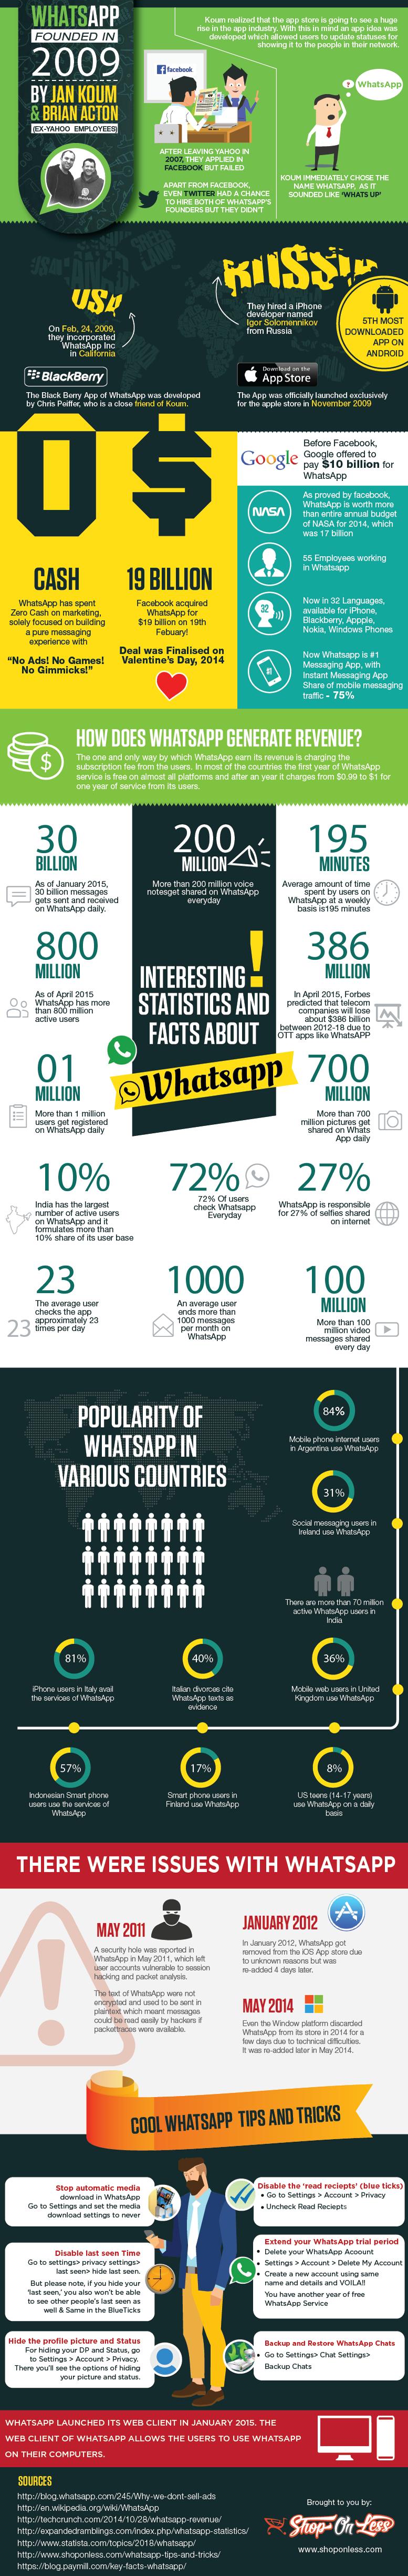 47 estadísticas y datos interesantes sobre WhatsApp